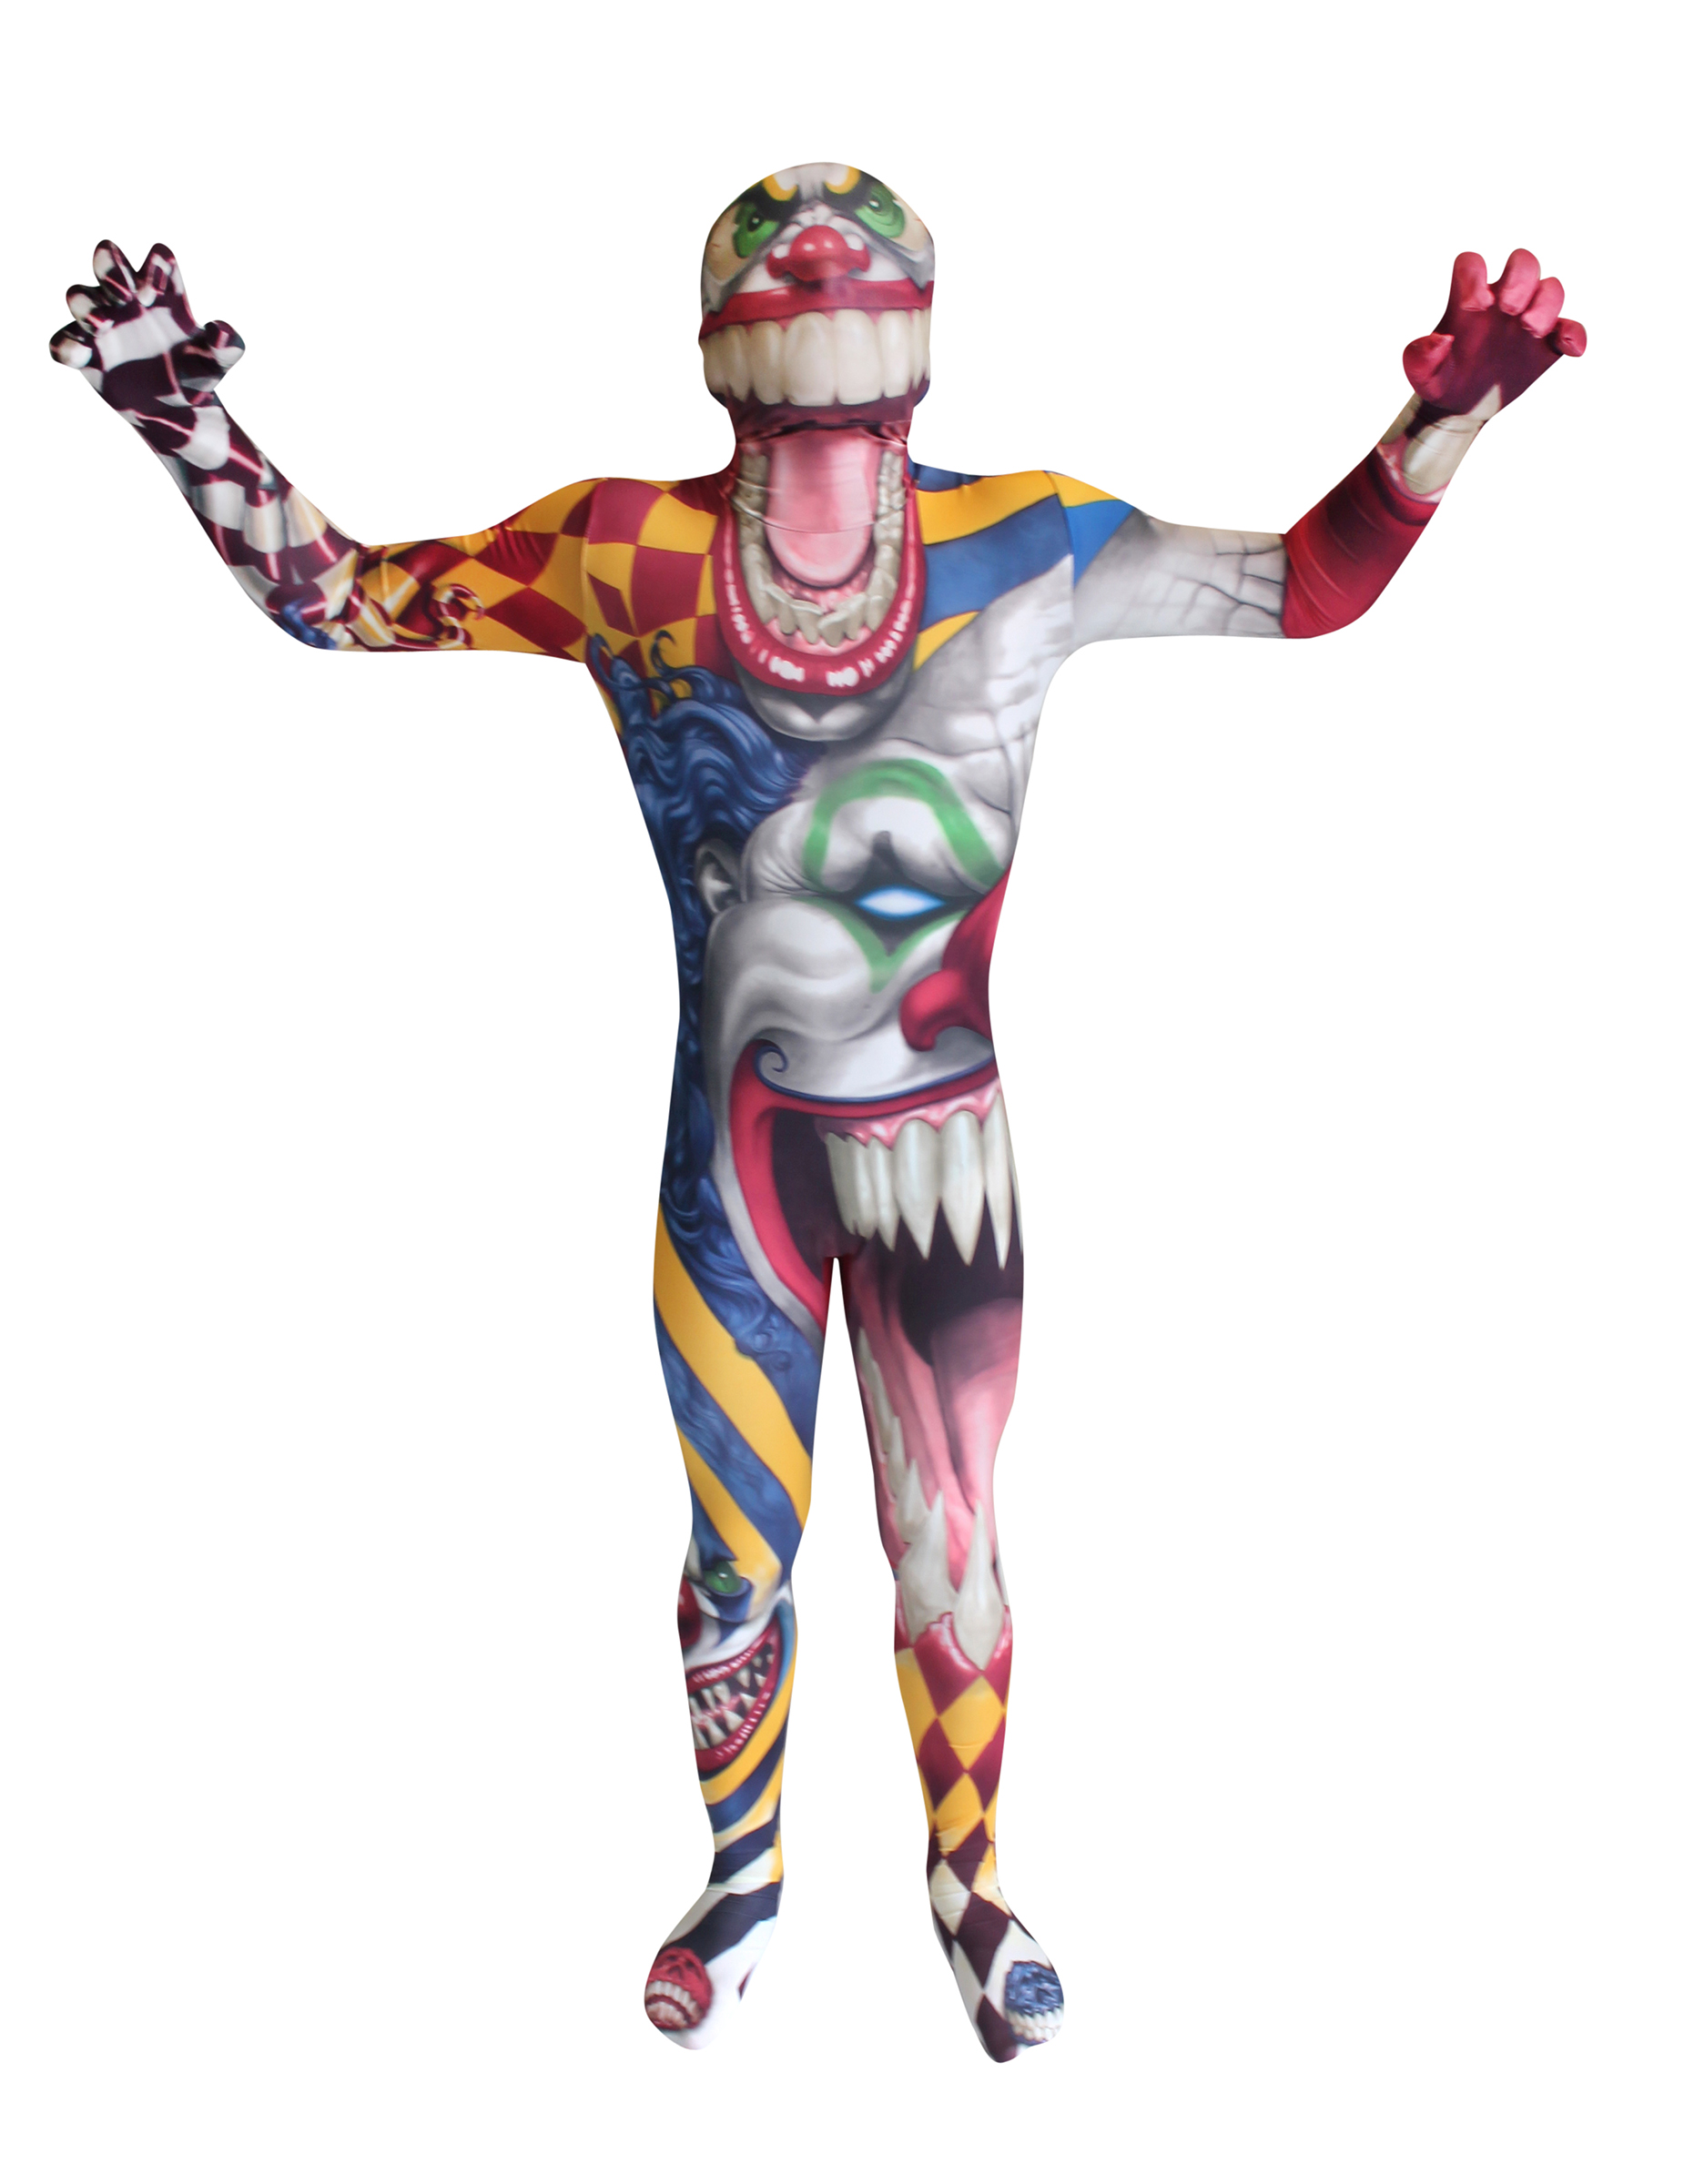 d guisement clown effrayant enfant morphsuits halloween deguise toi achat de d guisements. Black Bedroom Furniture Sets. Home Design Ideas